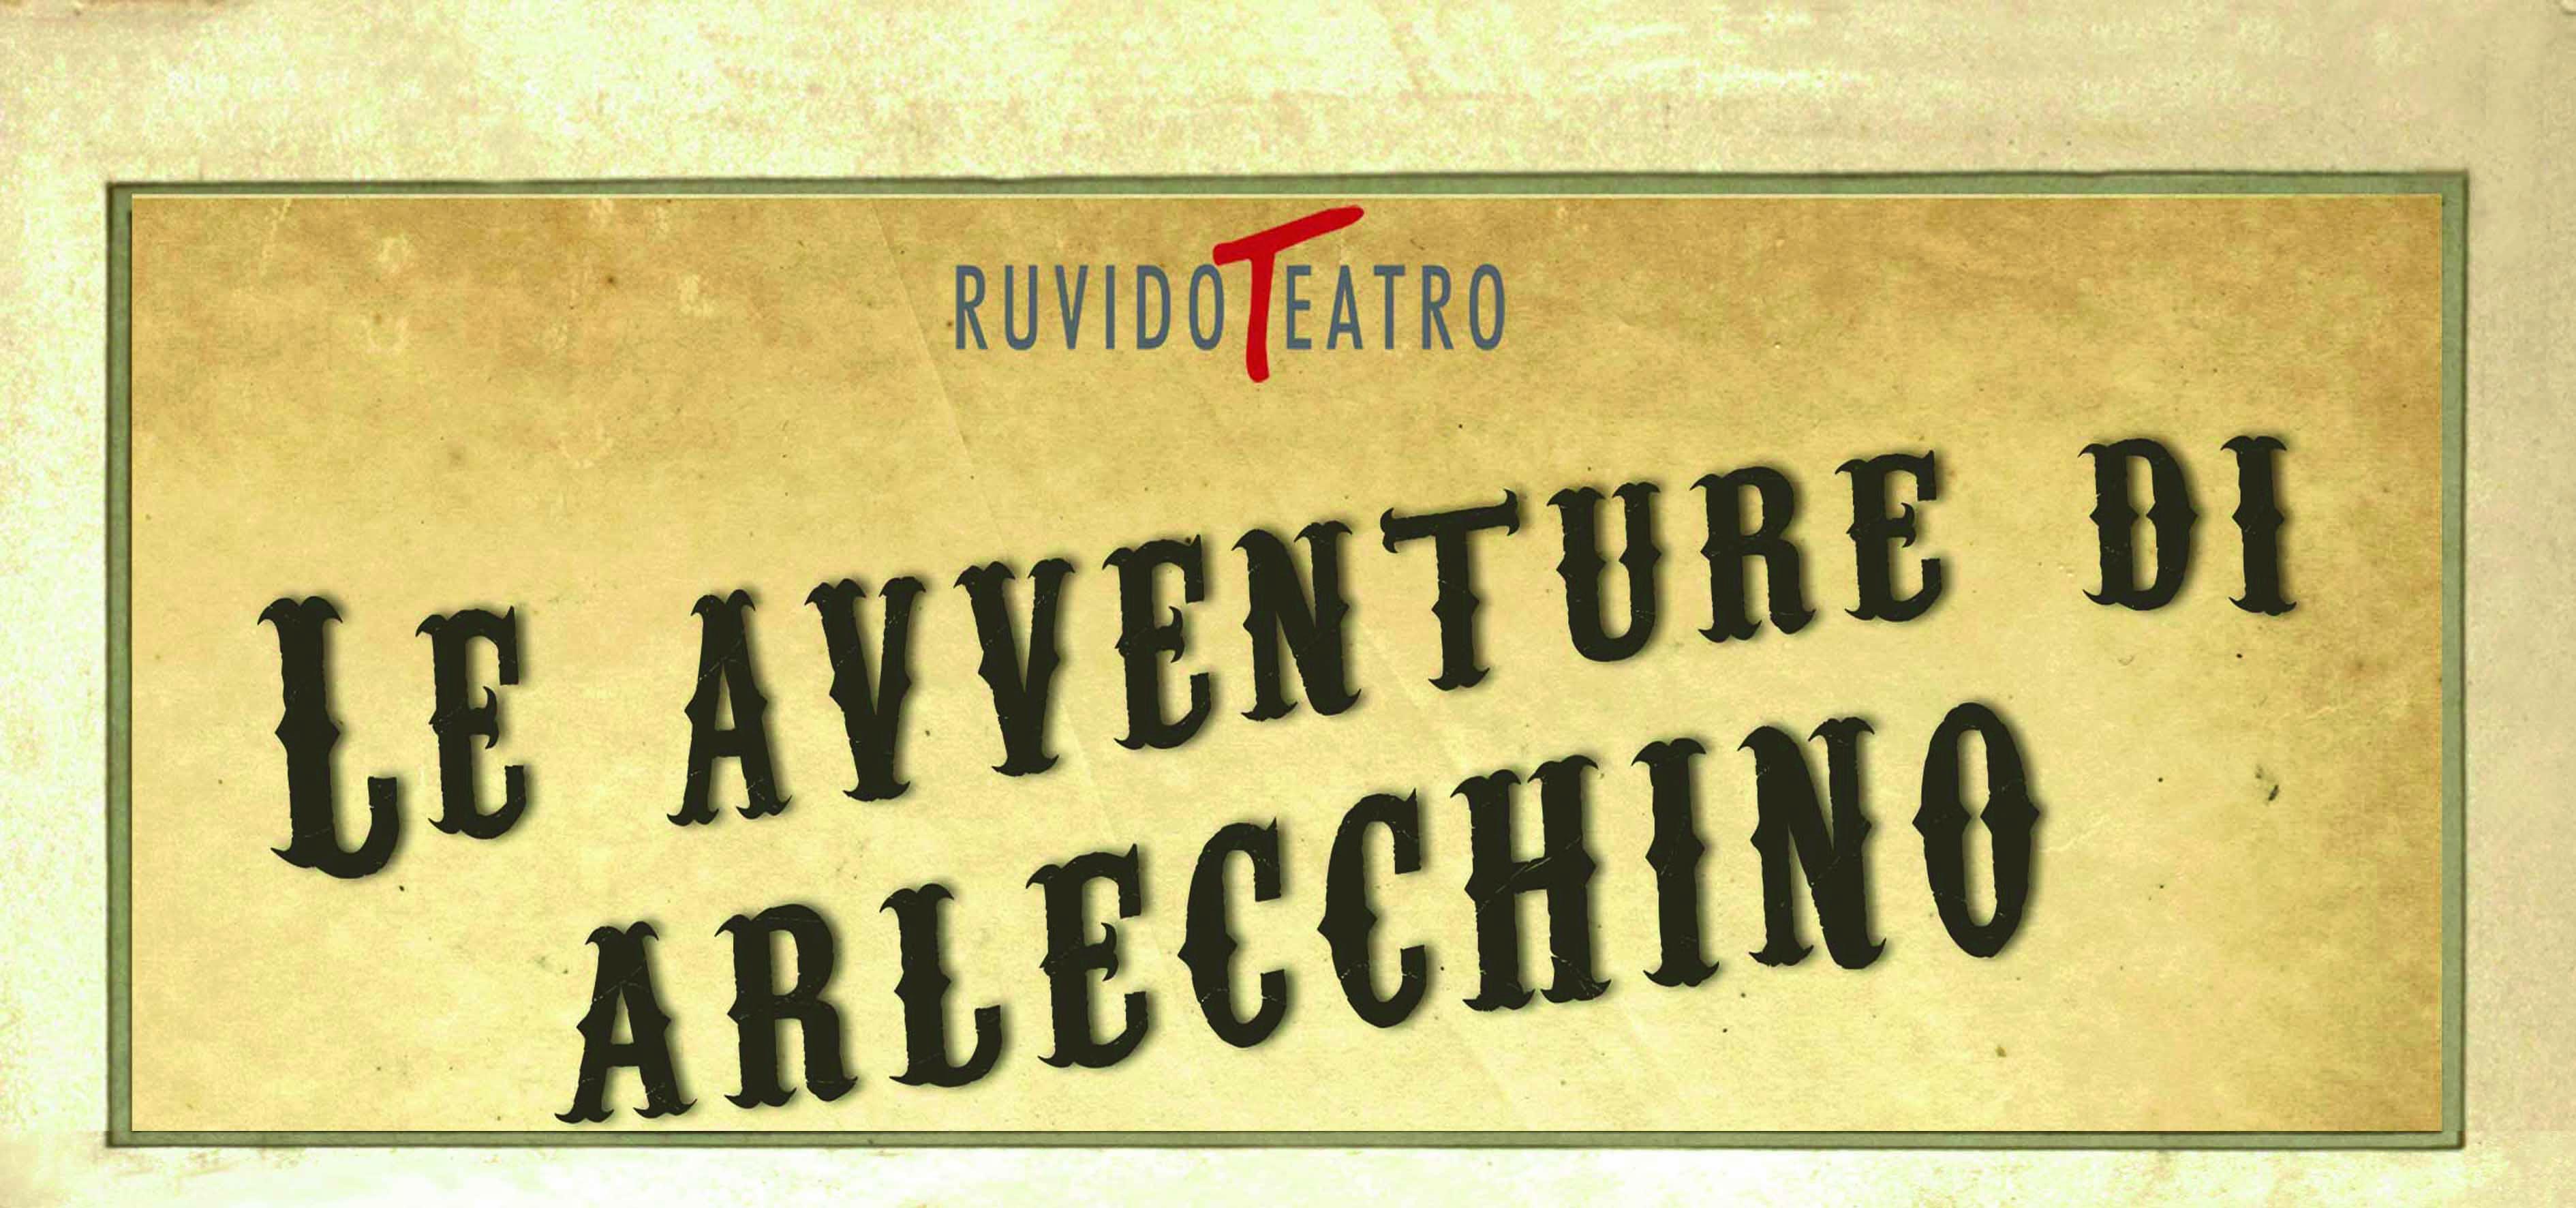 Le avventure di Arlecchino